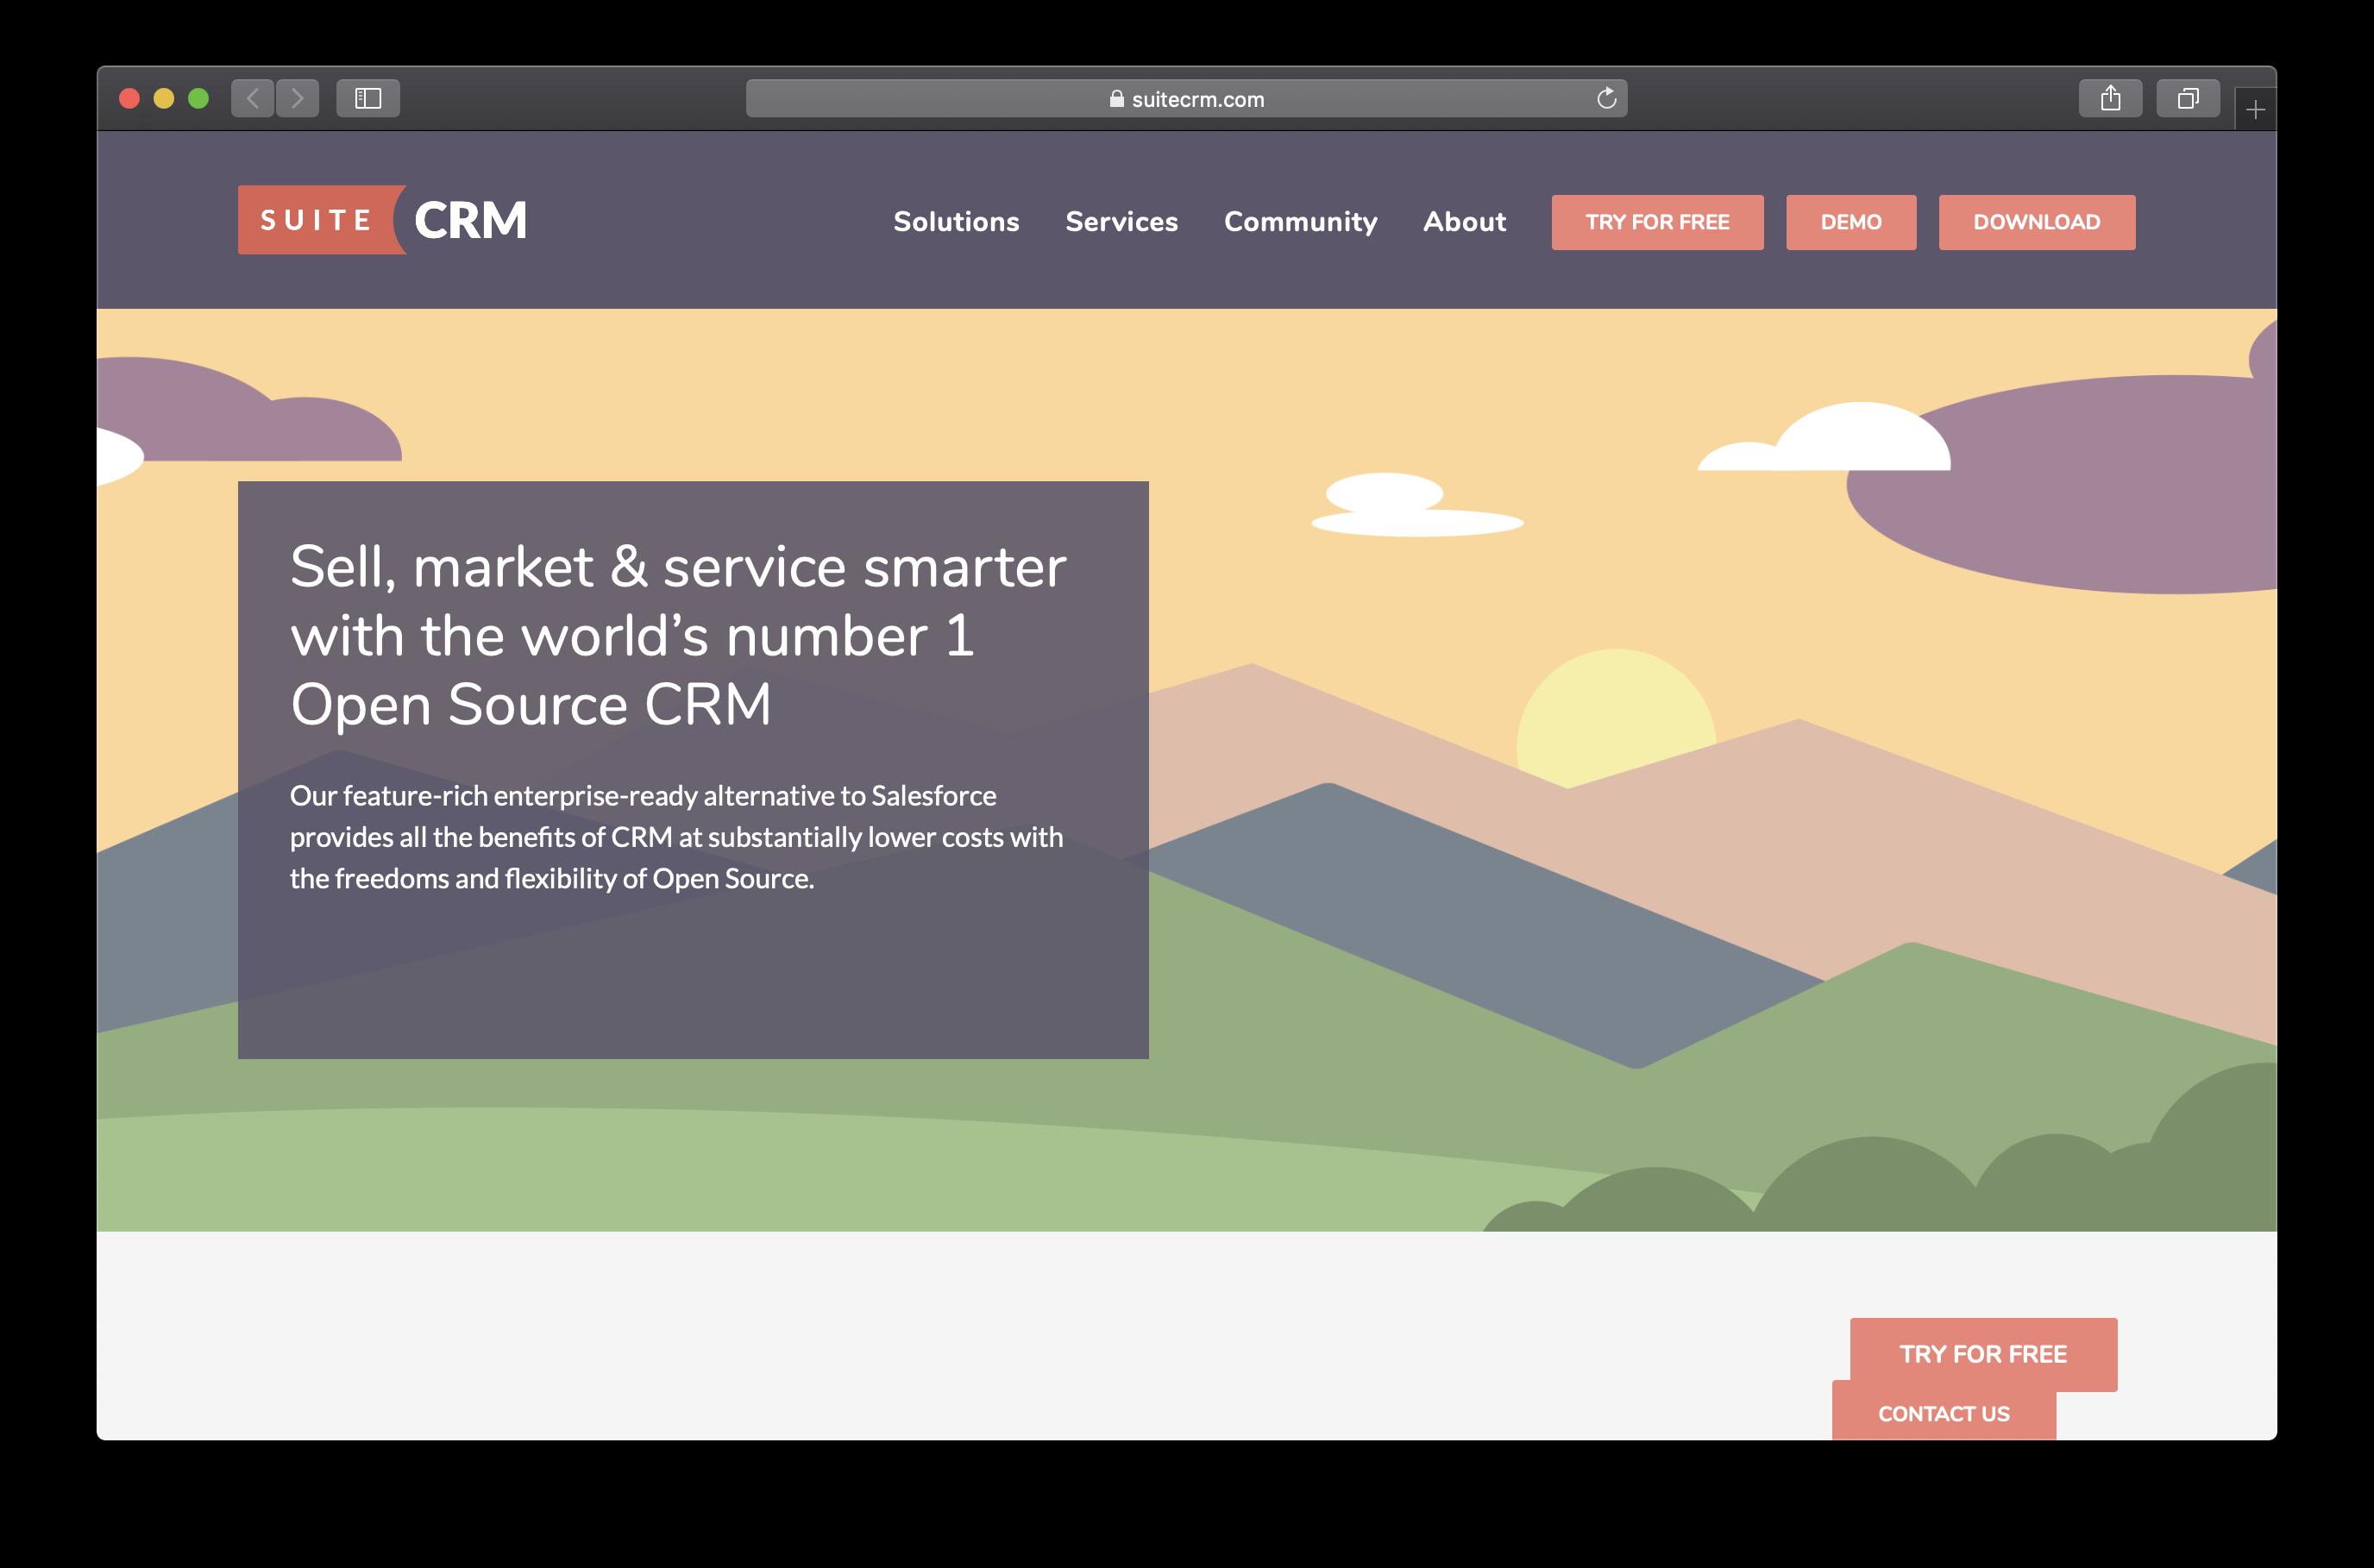 Suite-mejor-CRM-gratuito-startups